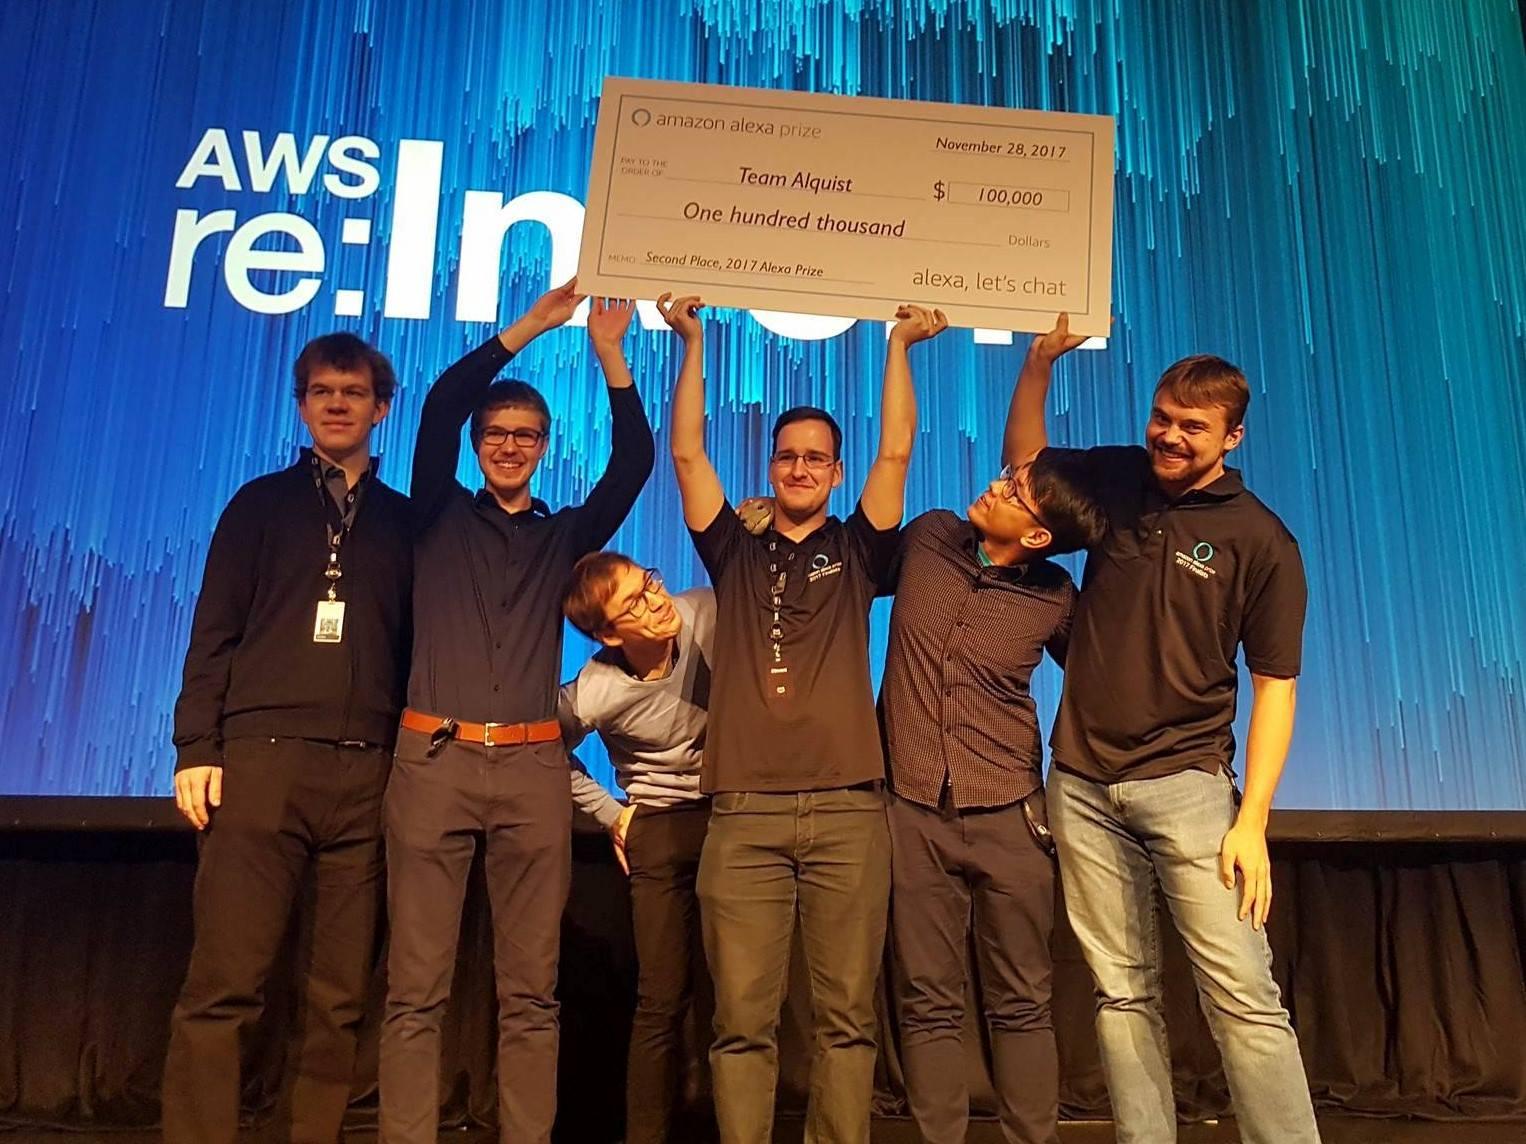 Alquist obsadil minulý rok druhé místo a obdržel 100 tisíc dolarů